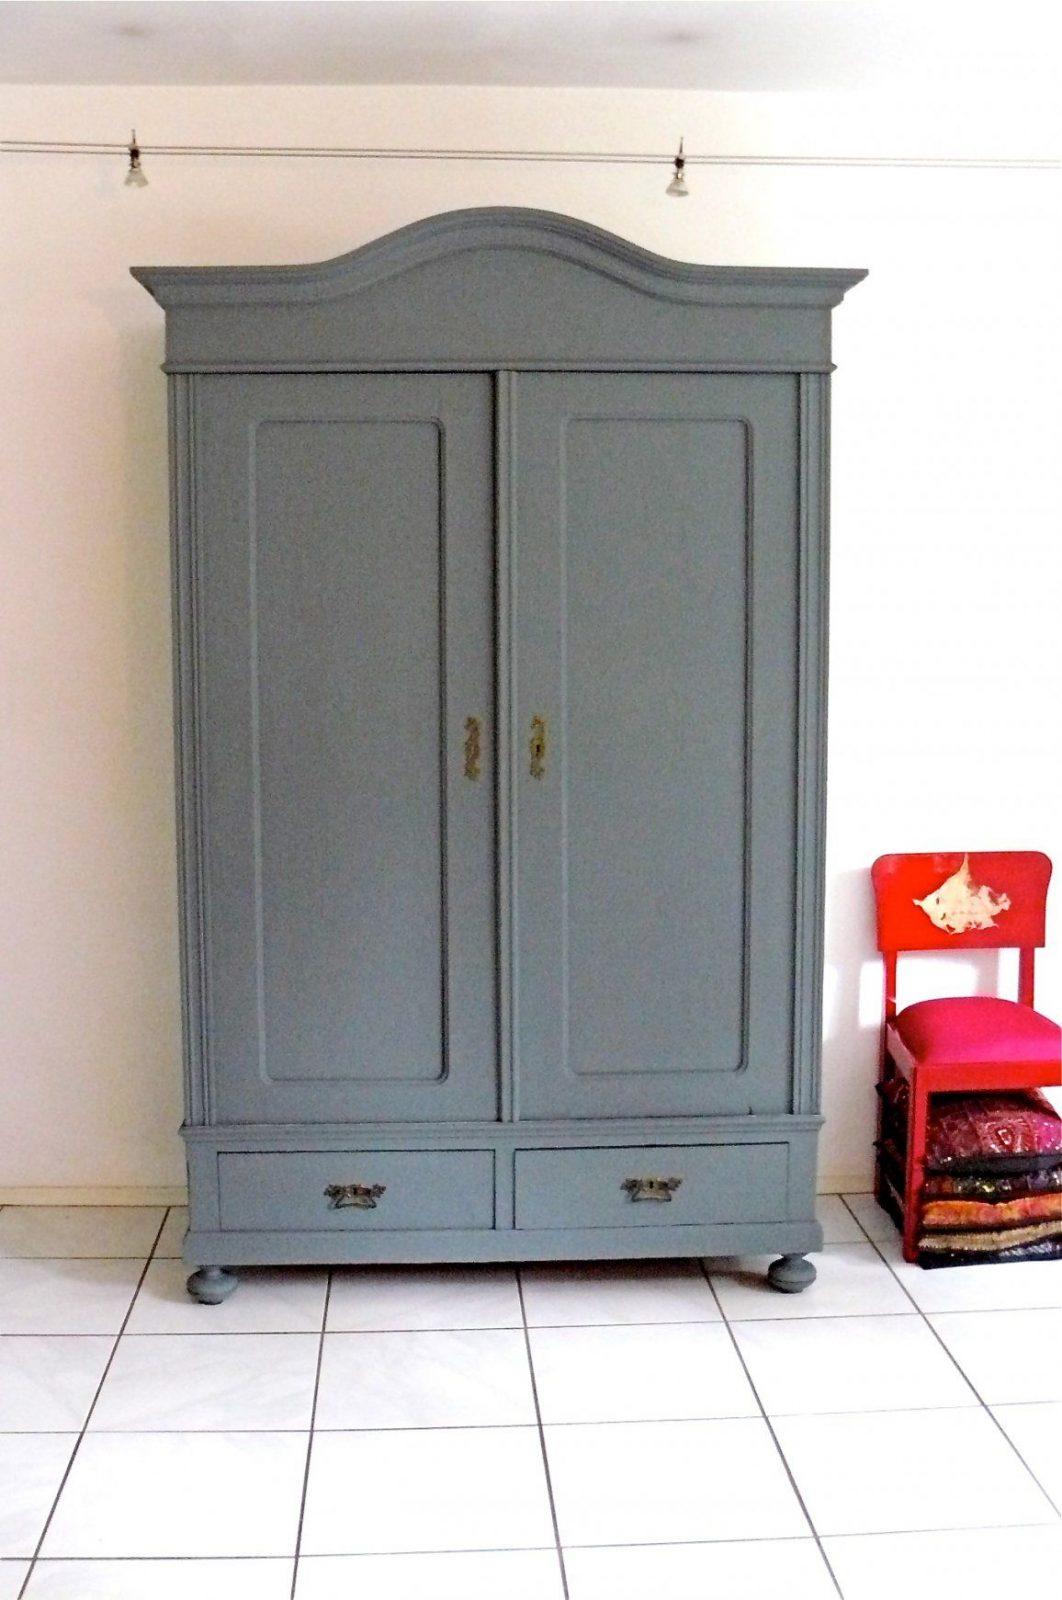 Möbel Streichen Mit Moose Färg Matte Farbe Einfach Und Schön von Möbel Streichen Ohne Abschleifen Photo